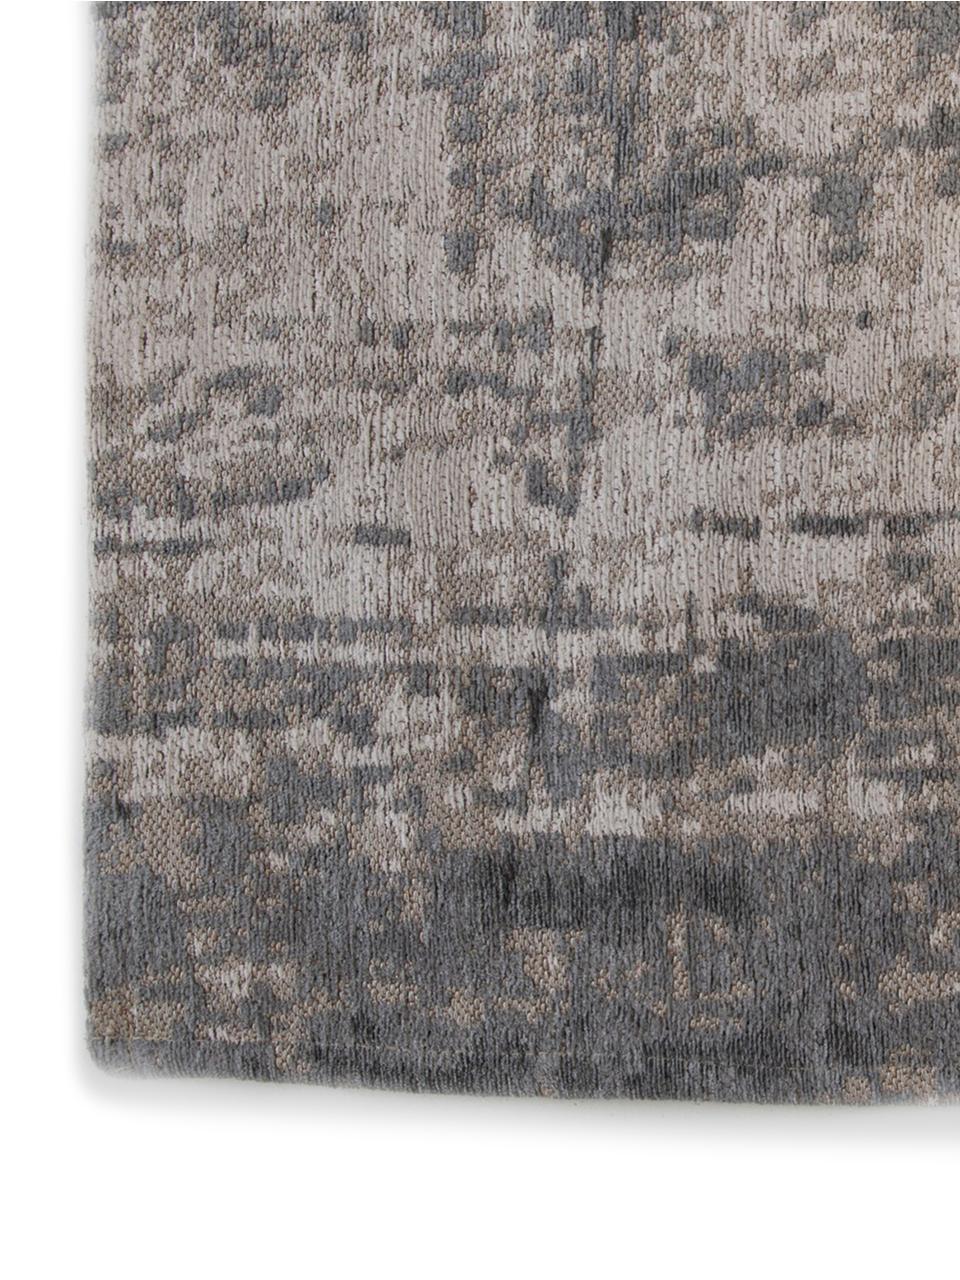 Tappeto Griff, Tessuto: Jacquard, Retro: Miscela di cotone, rivest, Tonalità grigie, bianco, Larg. 200 x Lung. 280 cm (taglia L)